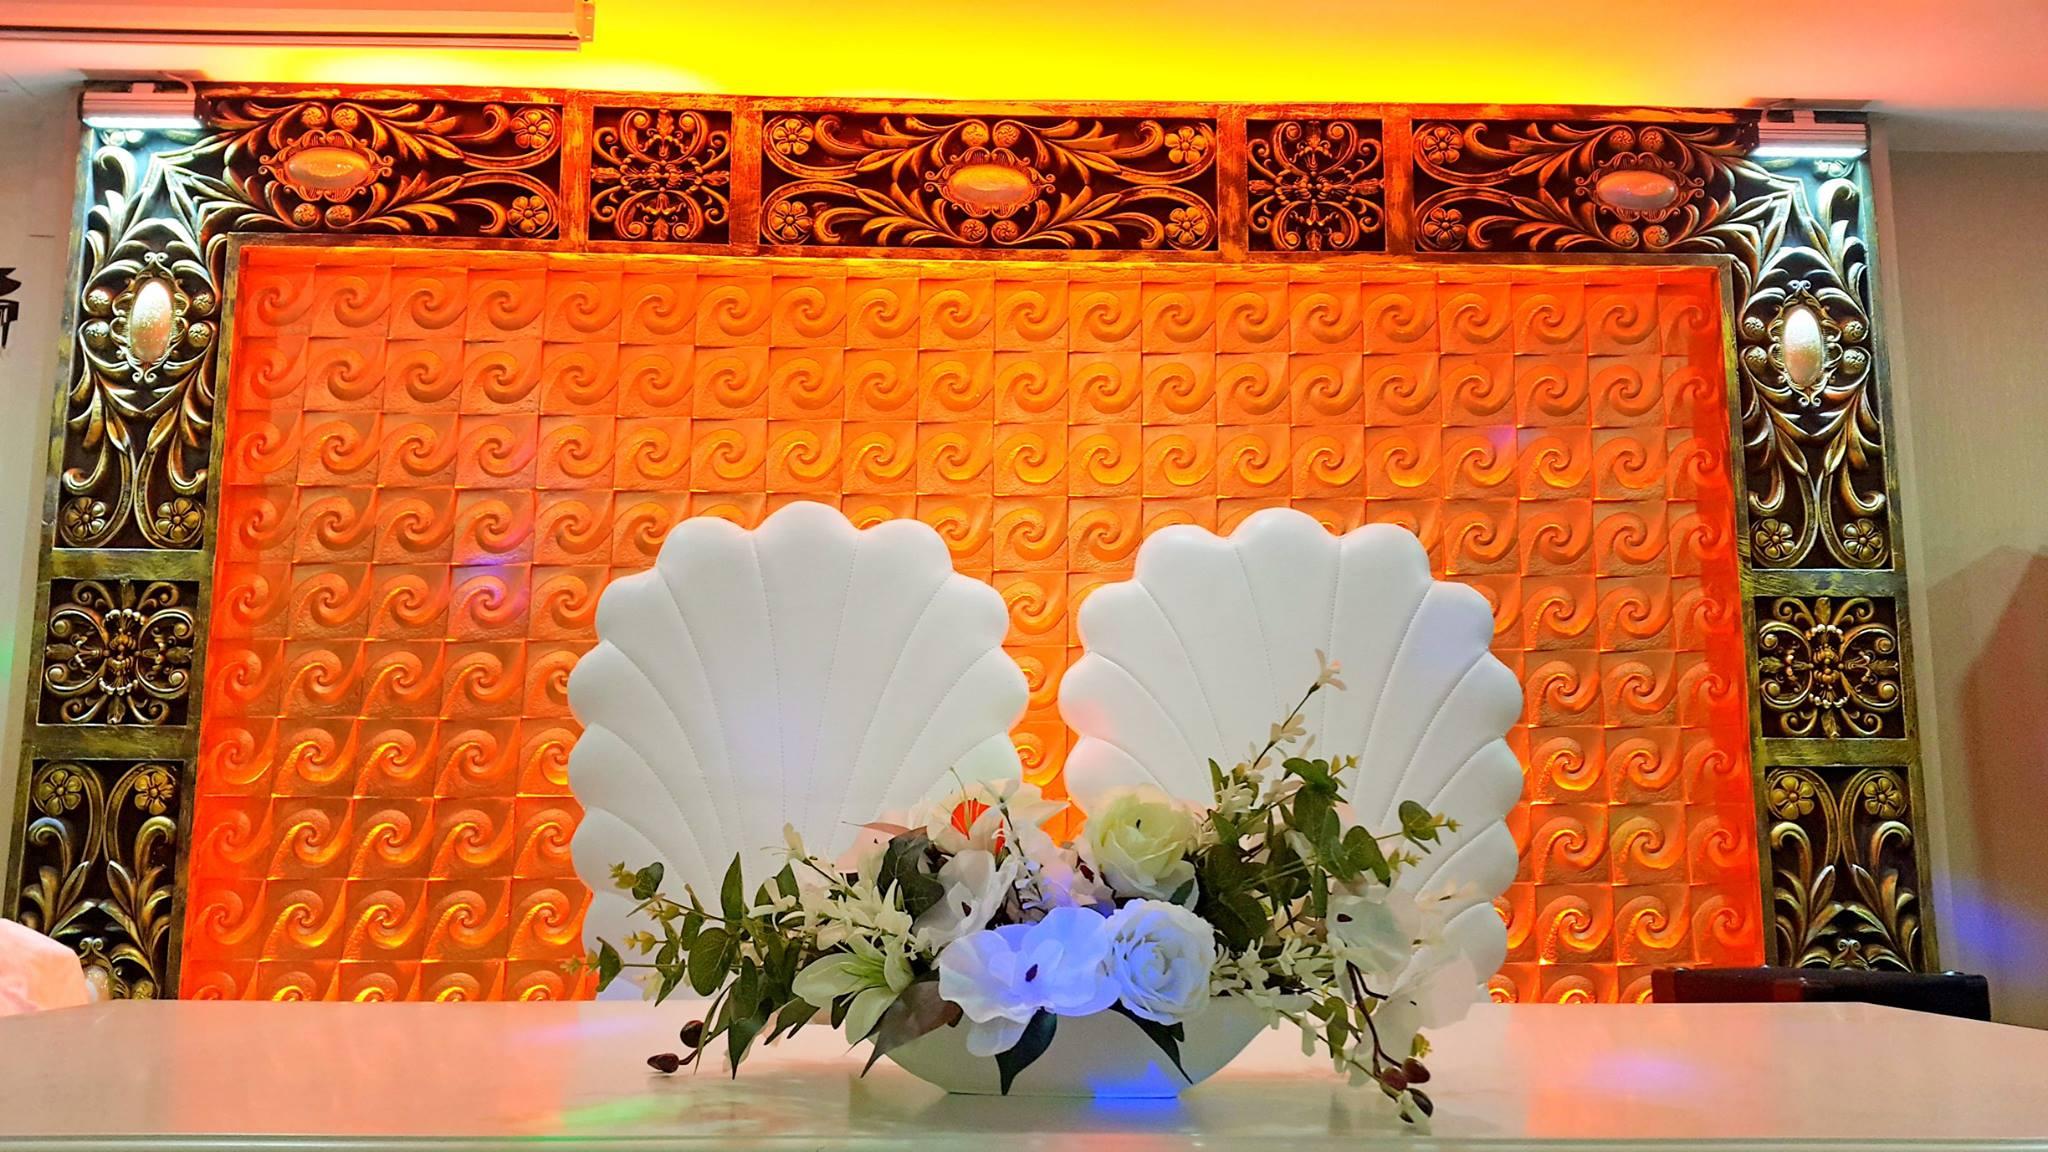 Antalya Elips Royal Düğün Salonu 0532 284 6530 nişan düğün nikah kına salonu sarayı kutlaması organizasyonu